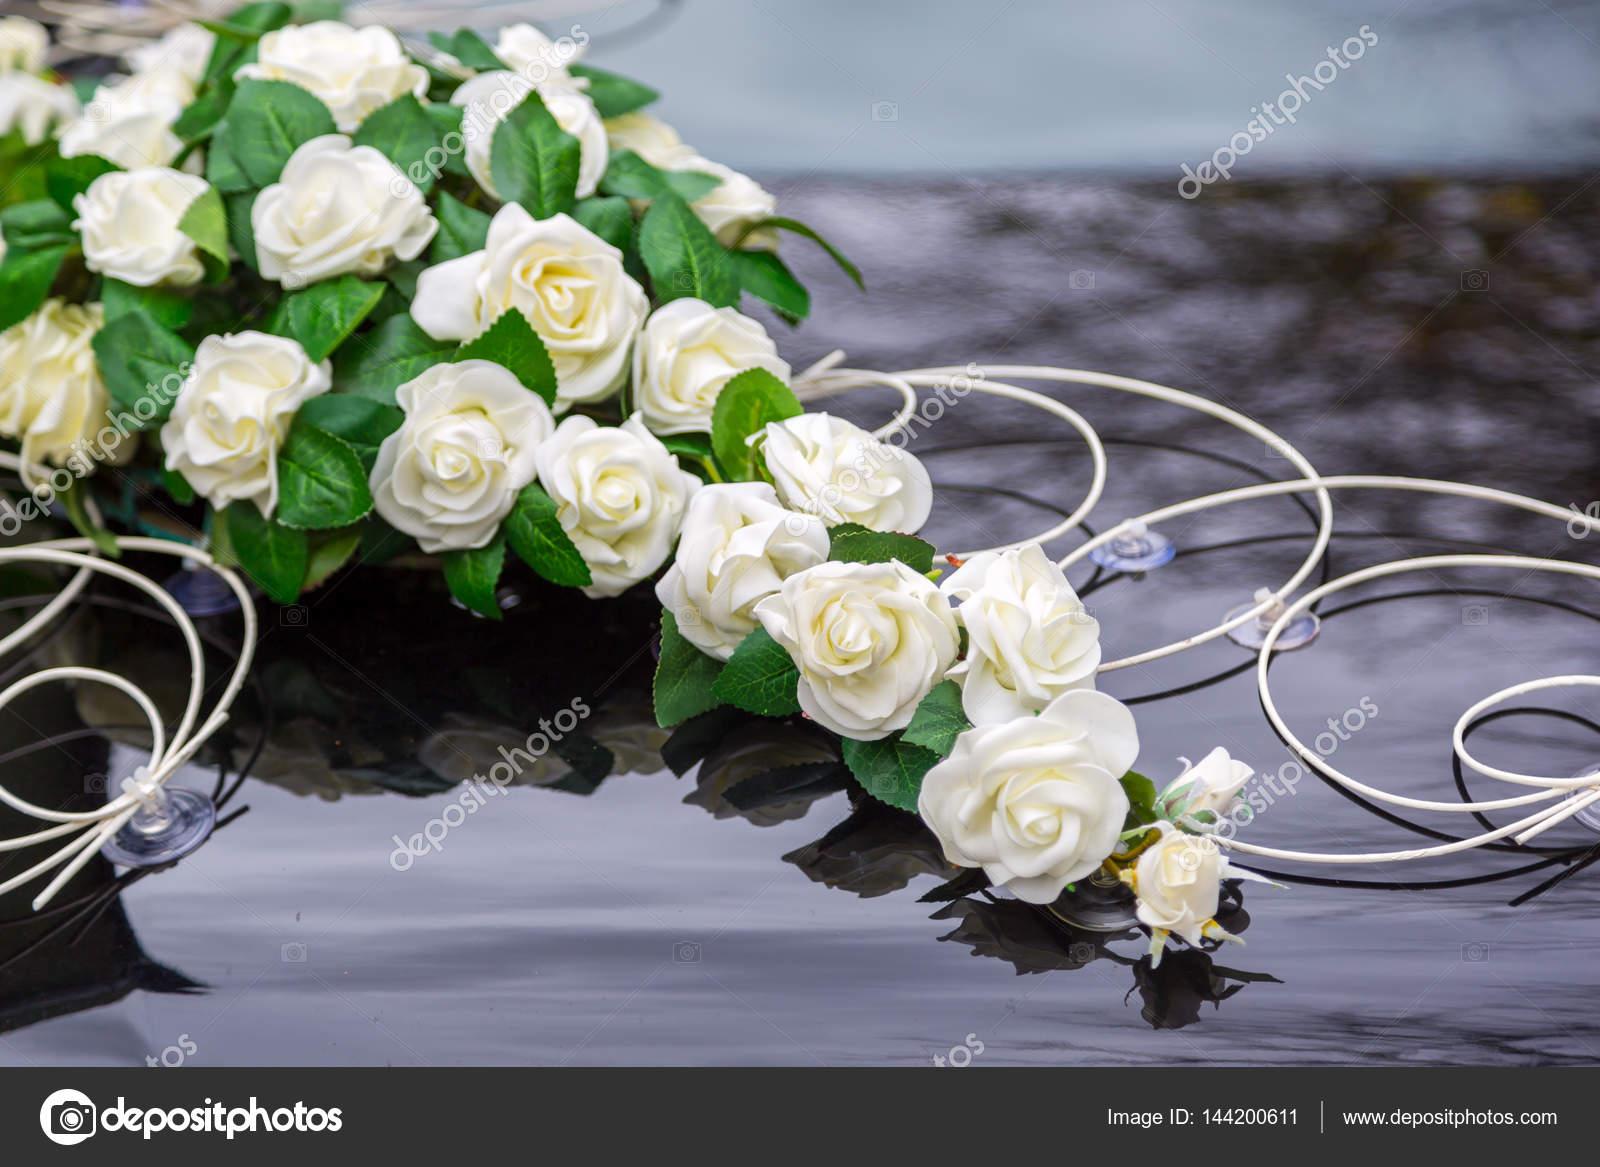 Schone Blumen Dekoration Auf Hochzeit Auto Motorhaube Weisse Blumen